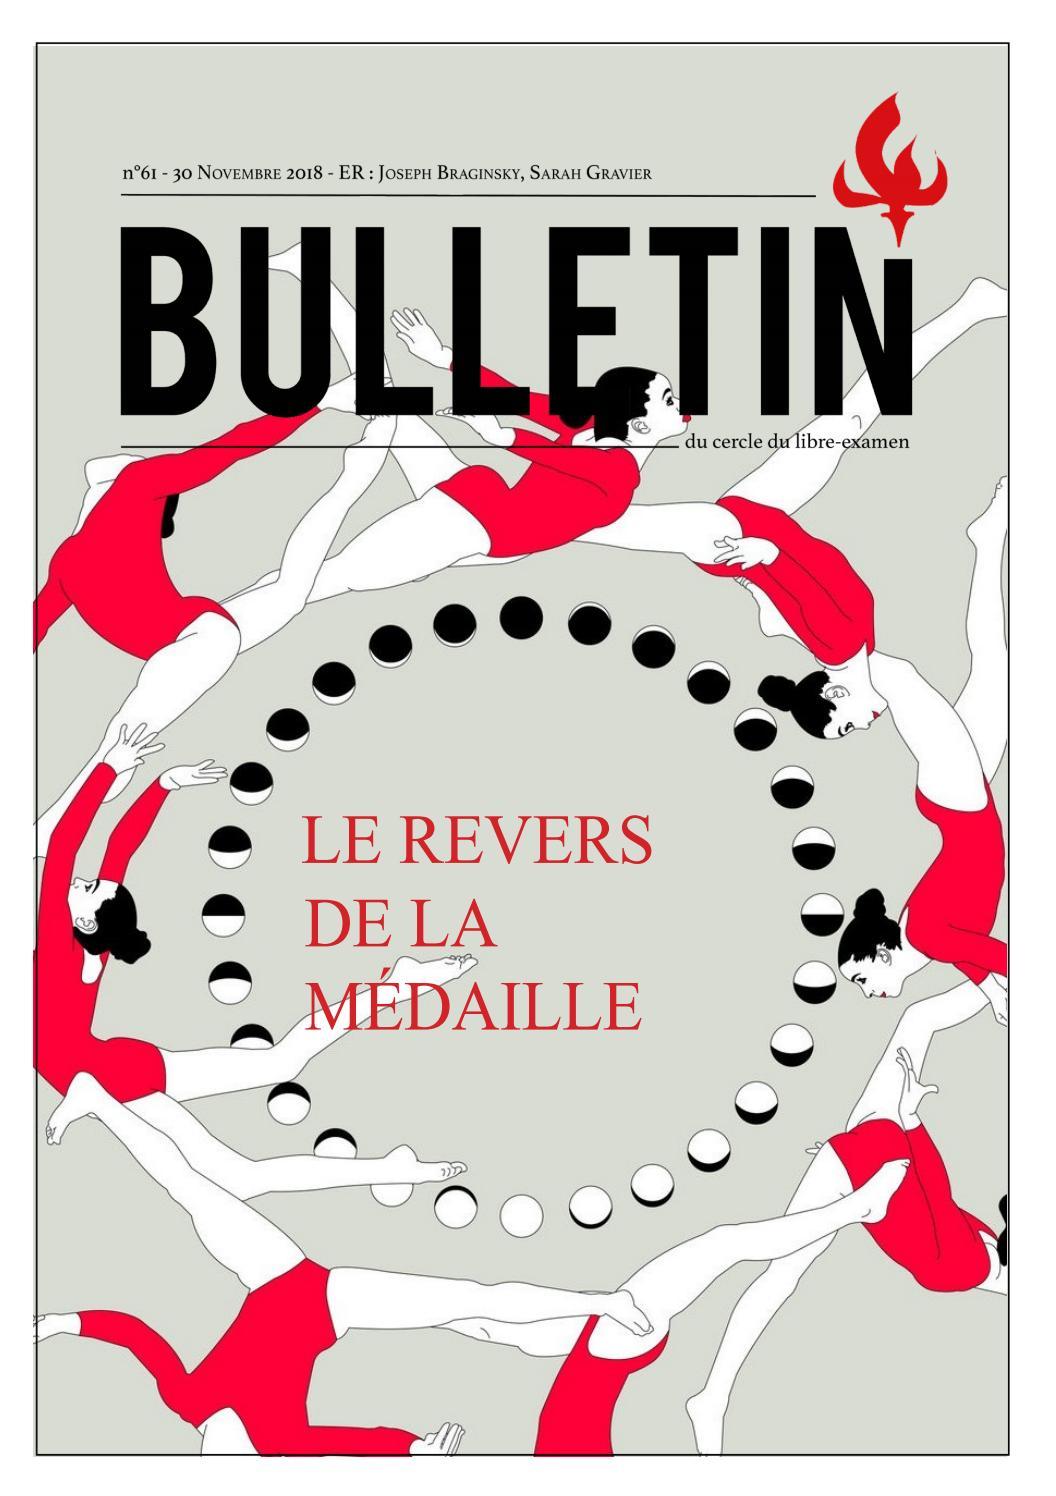 Bulletin   revers de la médaille by Cercle du Libre Examen ULB   issuu